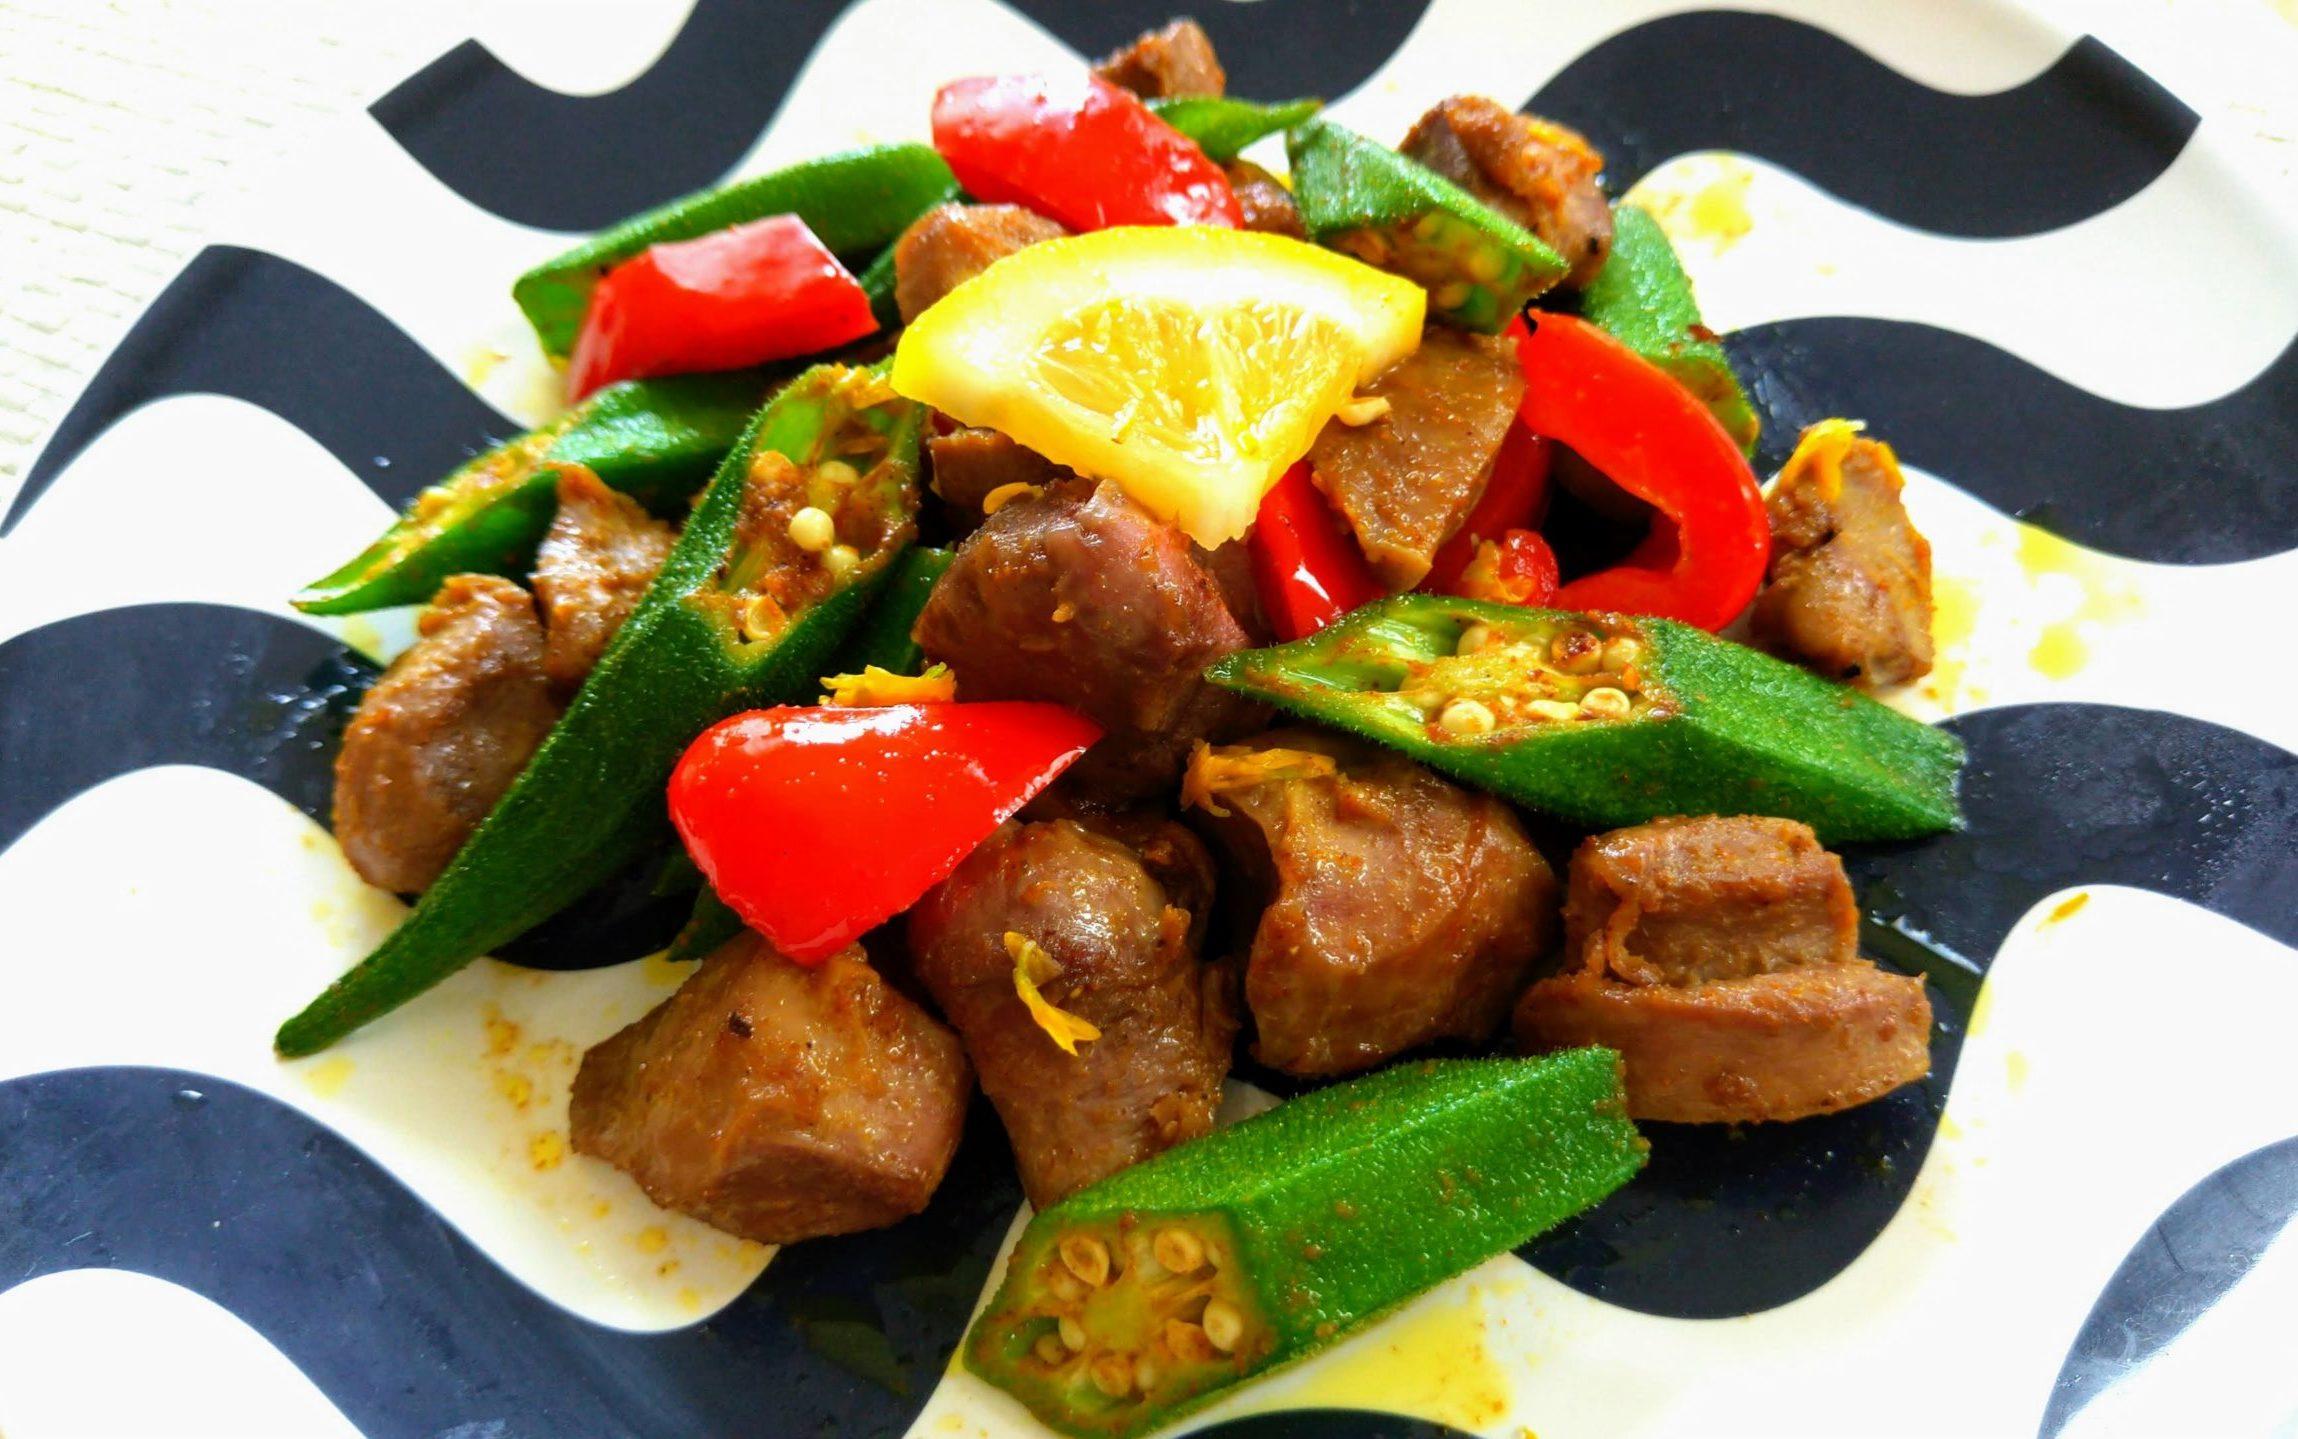 オクラと鶏砂肝のスパイス炒め